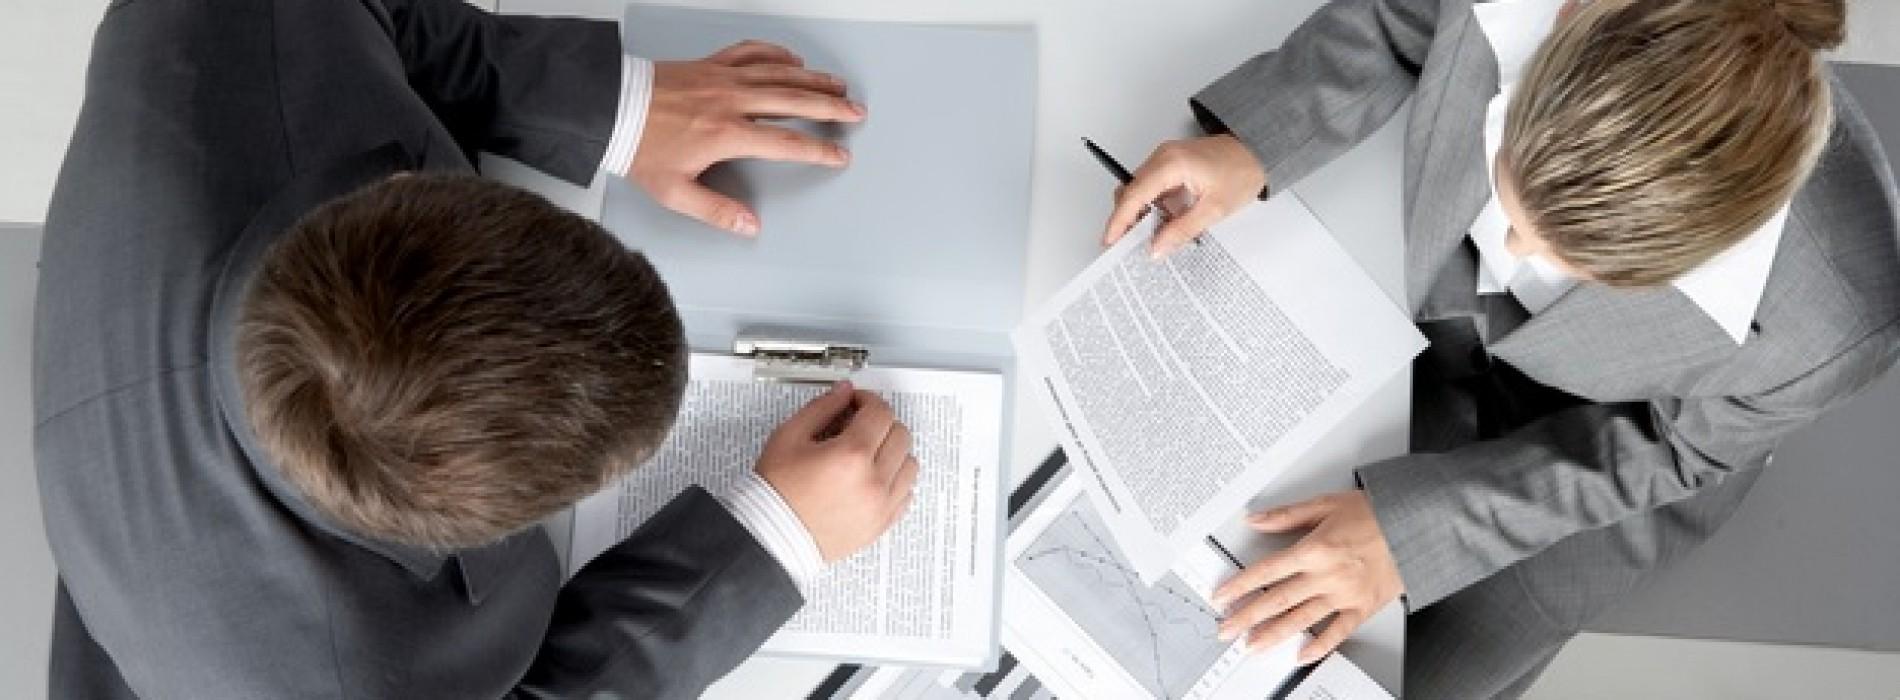 ABI ograniczy formalności przedsiębiorcy. Sejm przyjął nową uchwałę